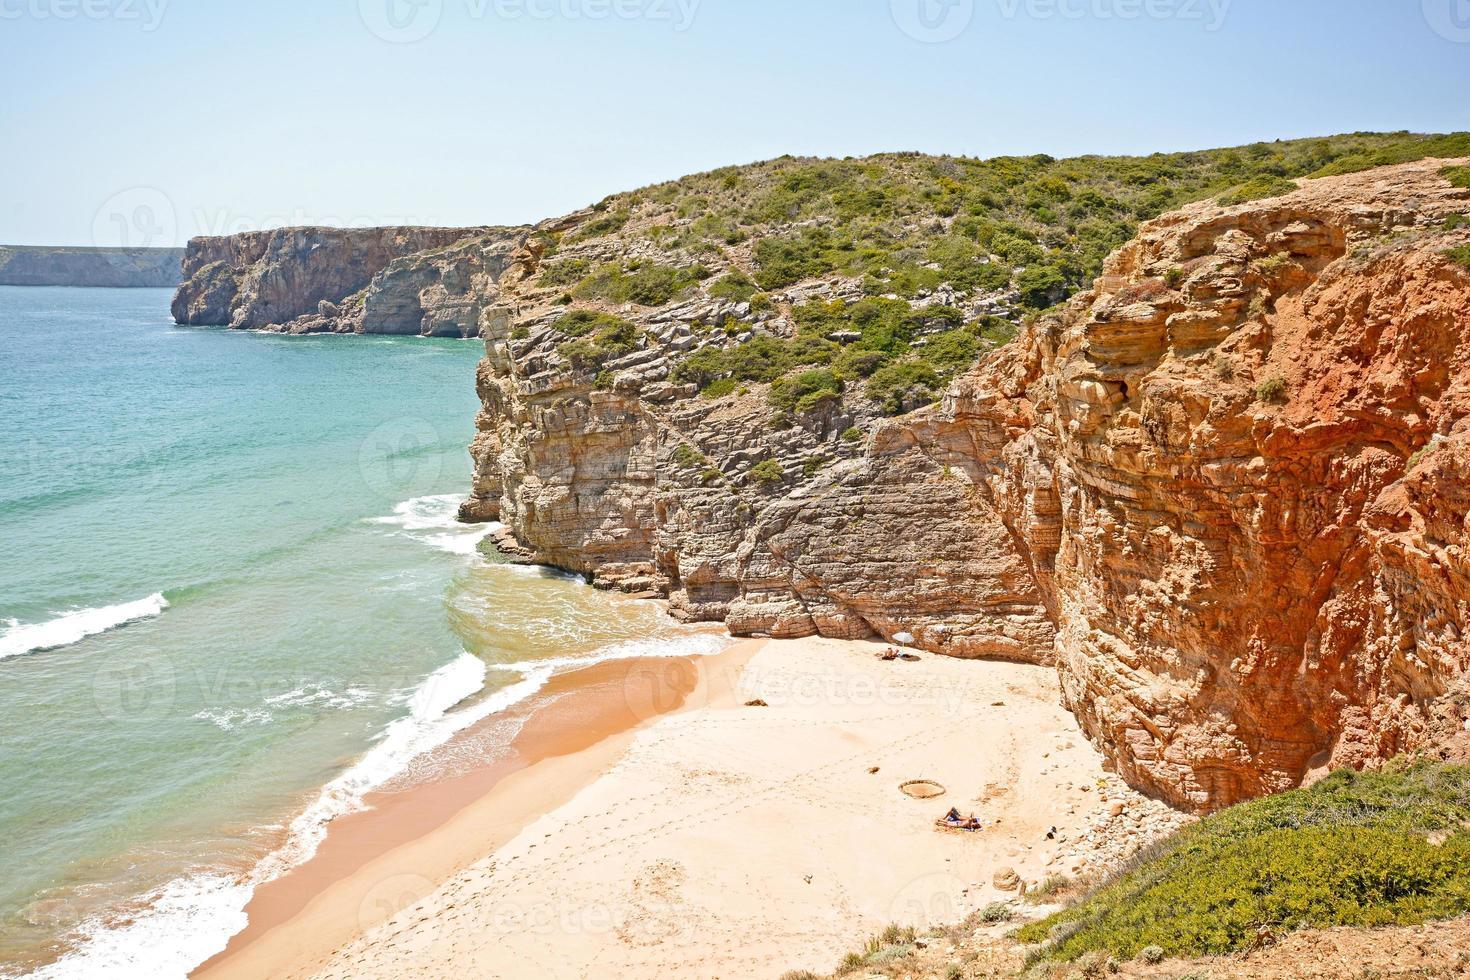 Praia do Beliche, strand in de buurt van Cabo Sao Vicente, Algarve Portugal foto